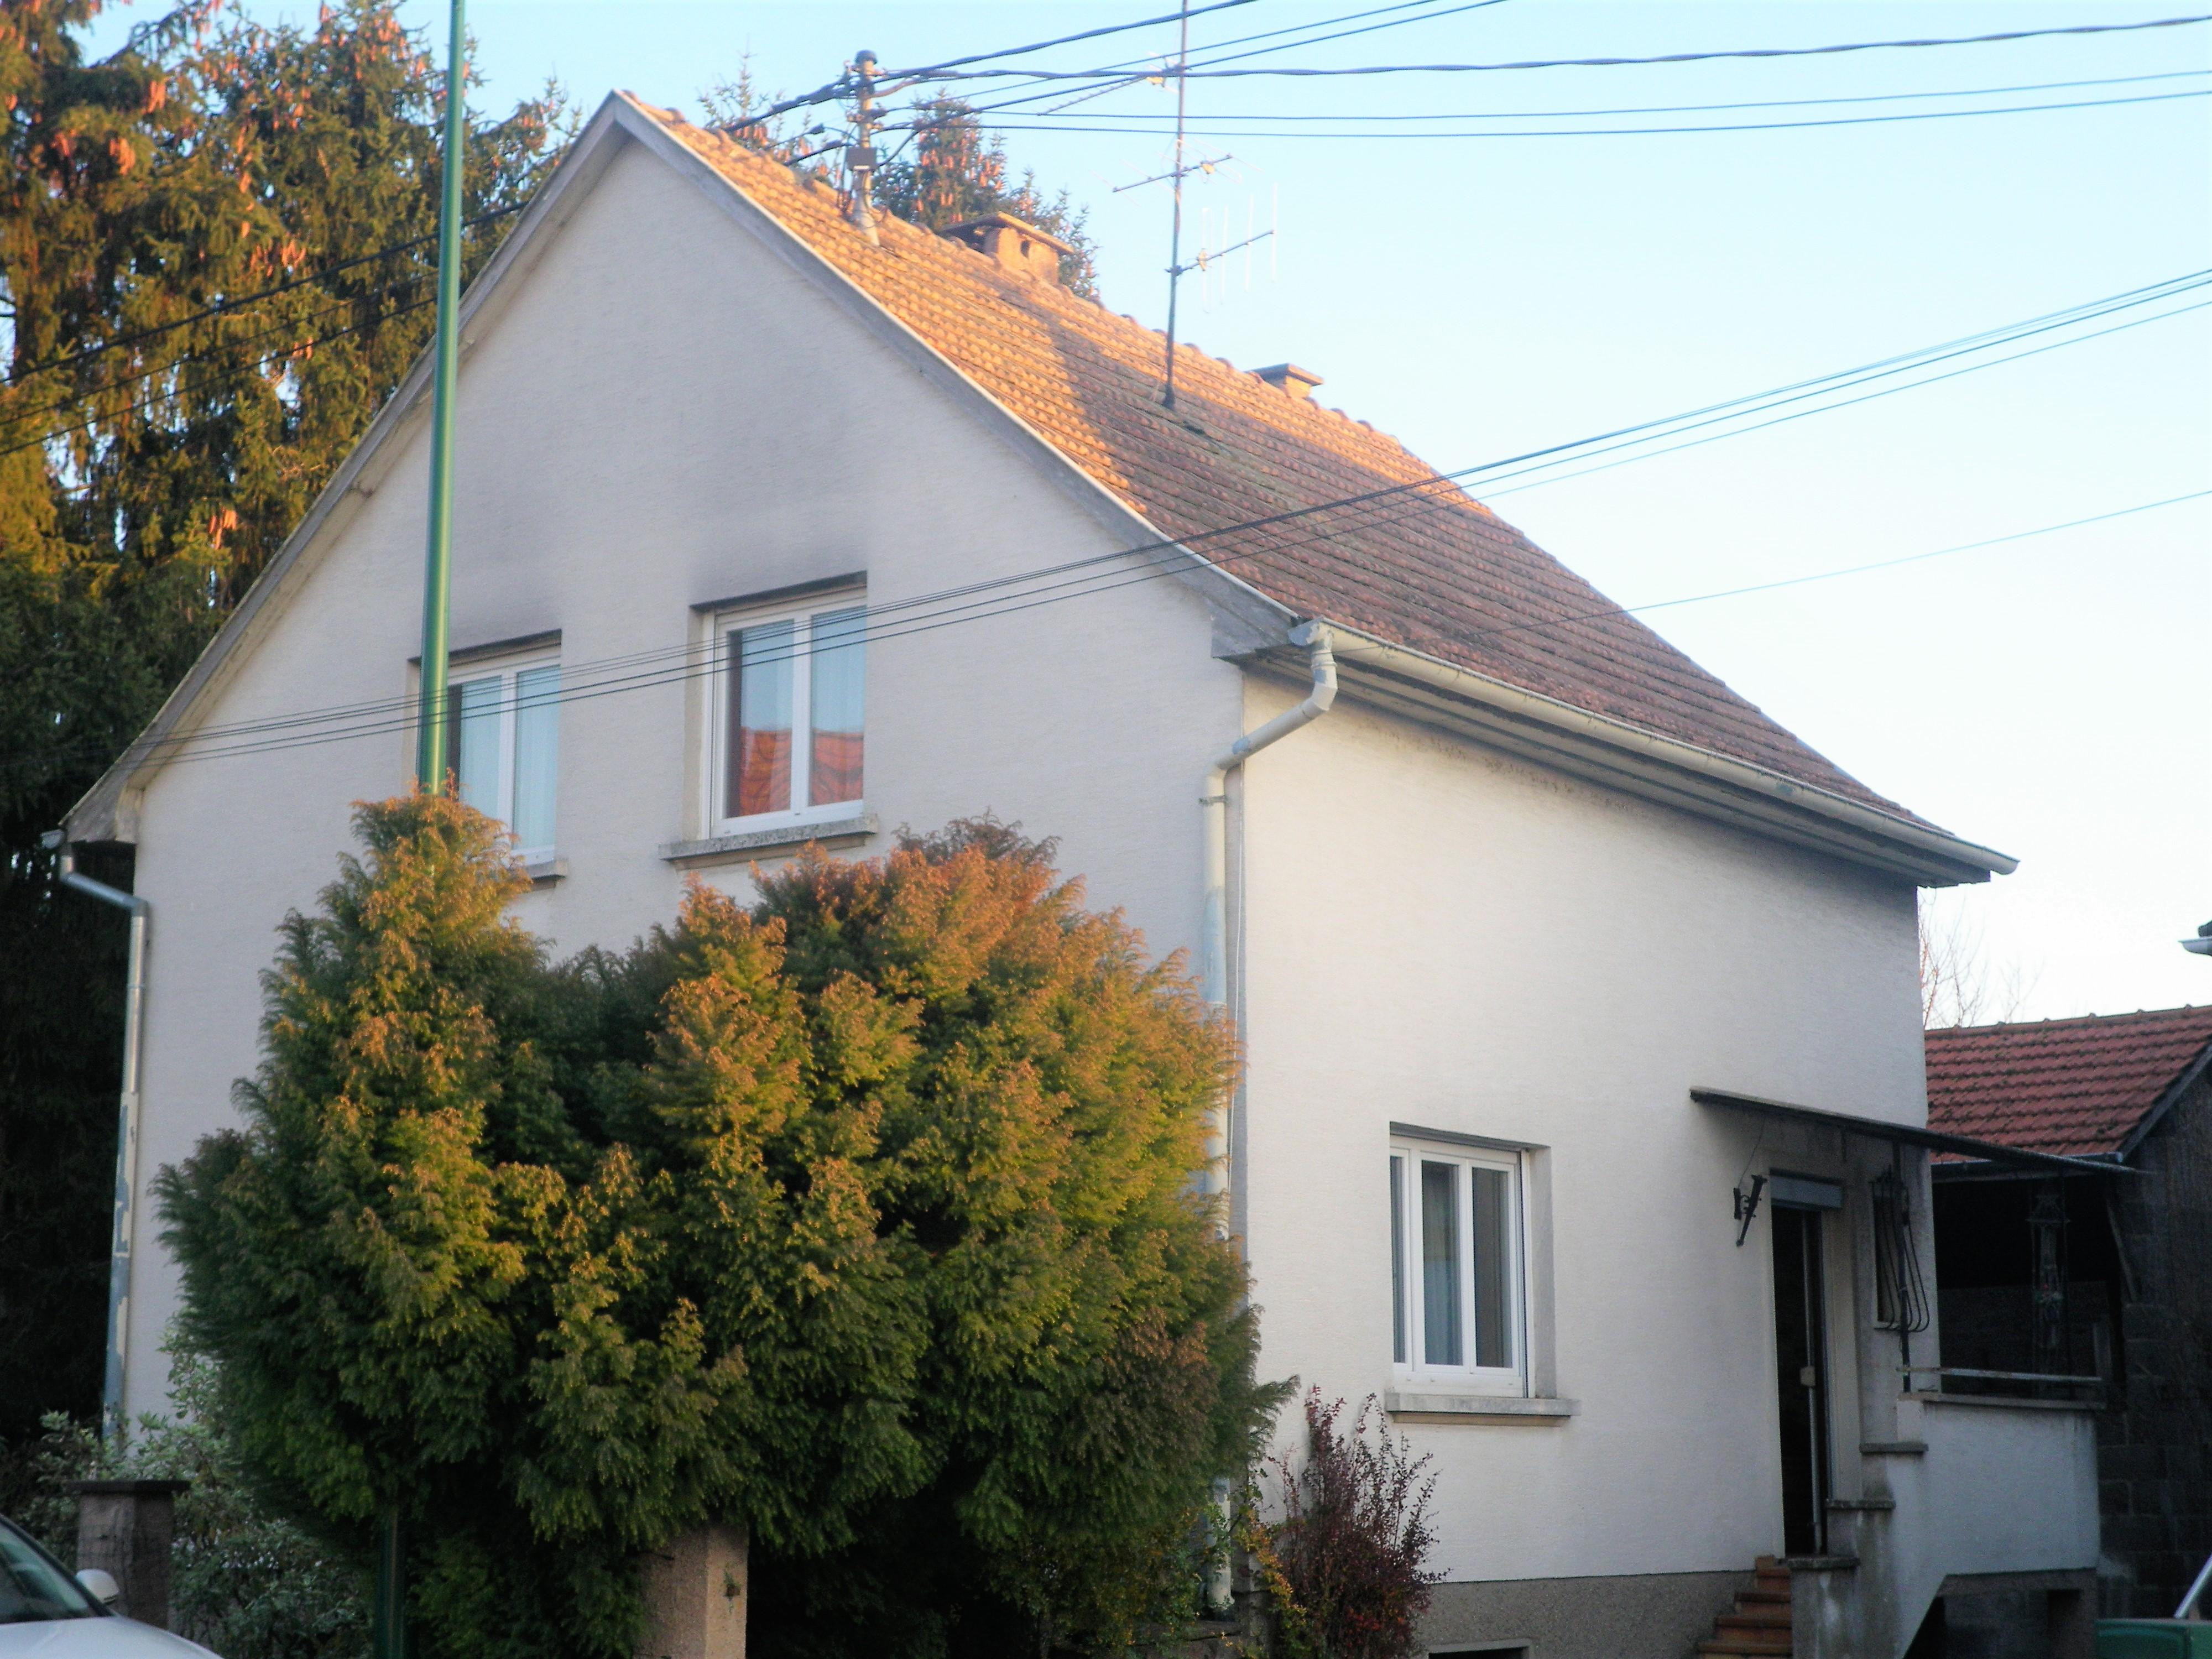 Immobiliere Du Waldhof Achat Et Location Dans Le Bas Rhin